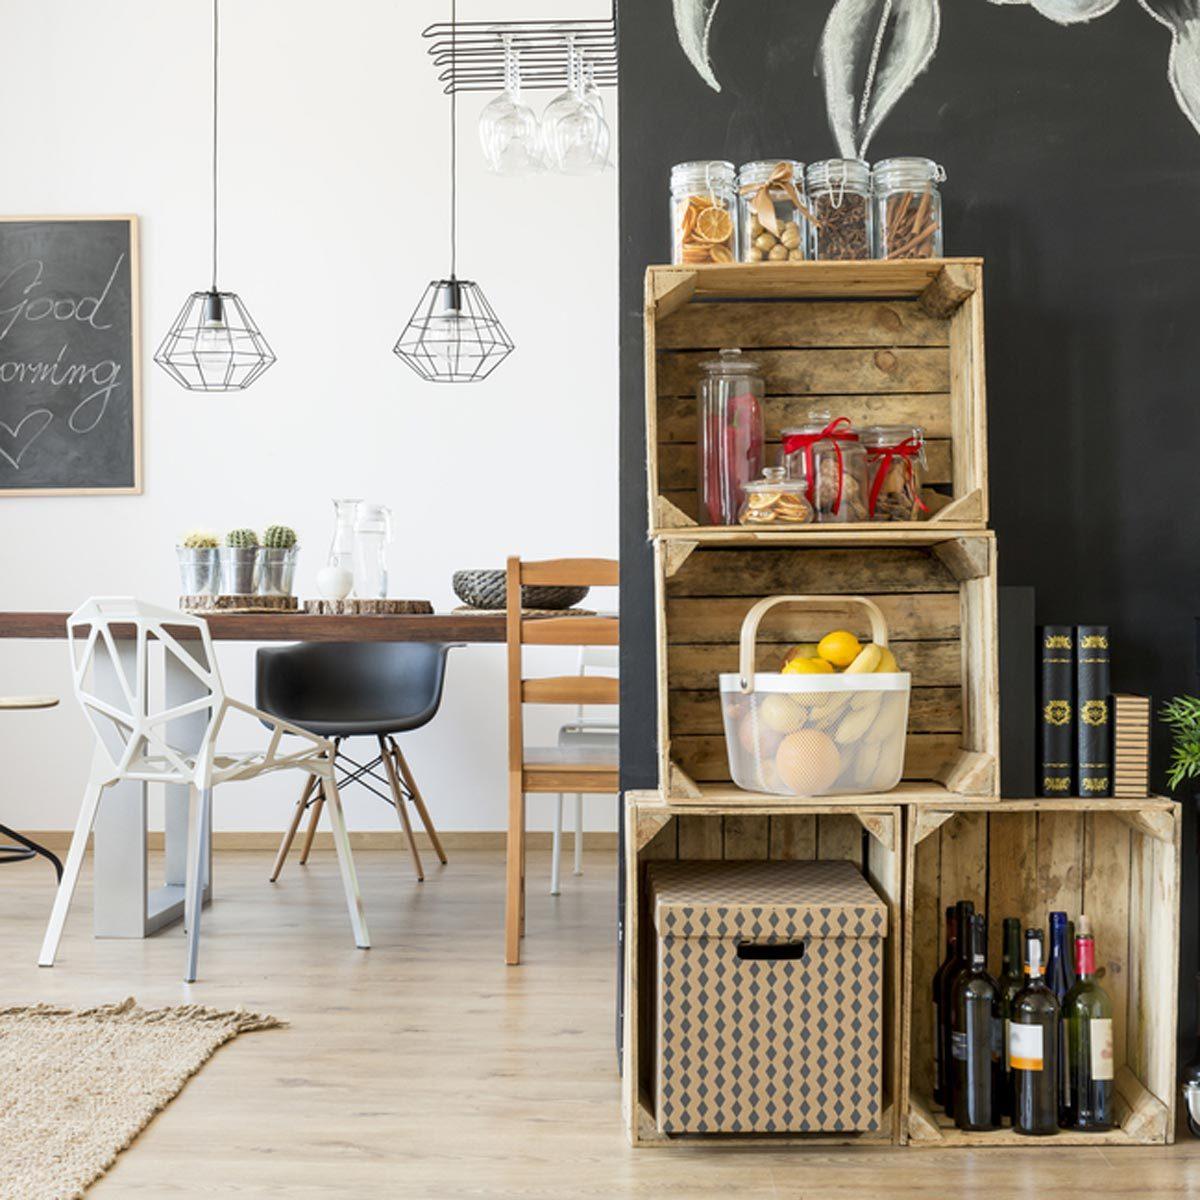 shutterstock_534157990 crates for kitchen storage